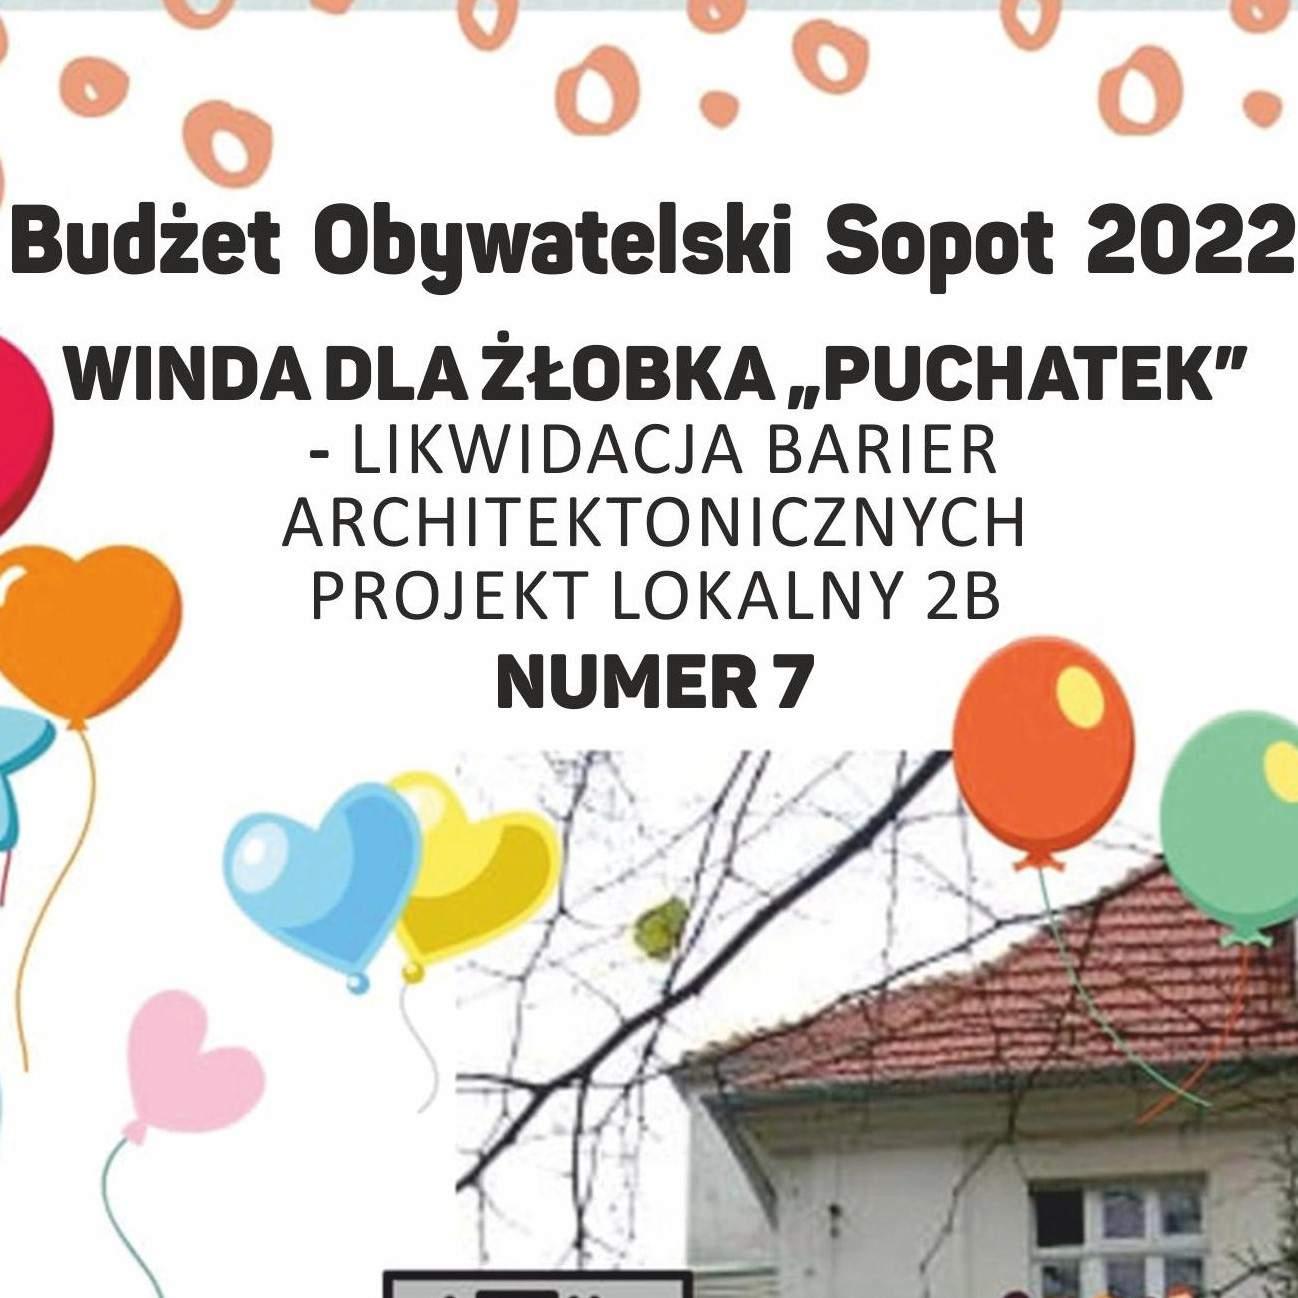 """GŁOSUJEMY w Budżecie Obywatelskim na projekt ,, Winda dla Żłobka """"Puchatek""""- likwidacja barier architektonicznych"""""""